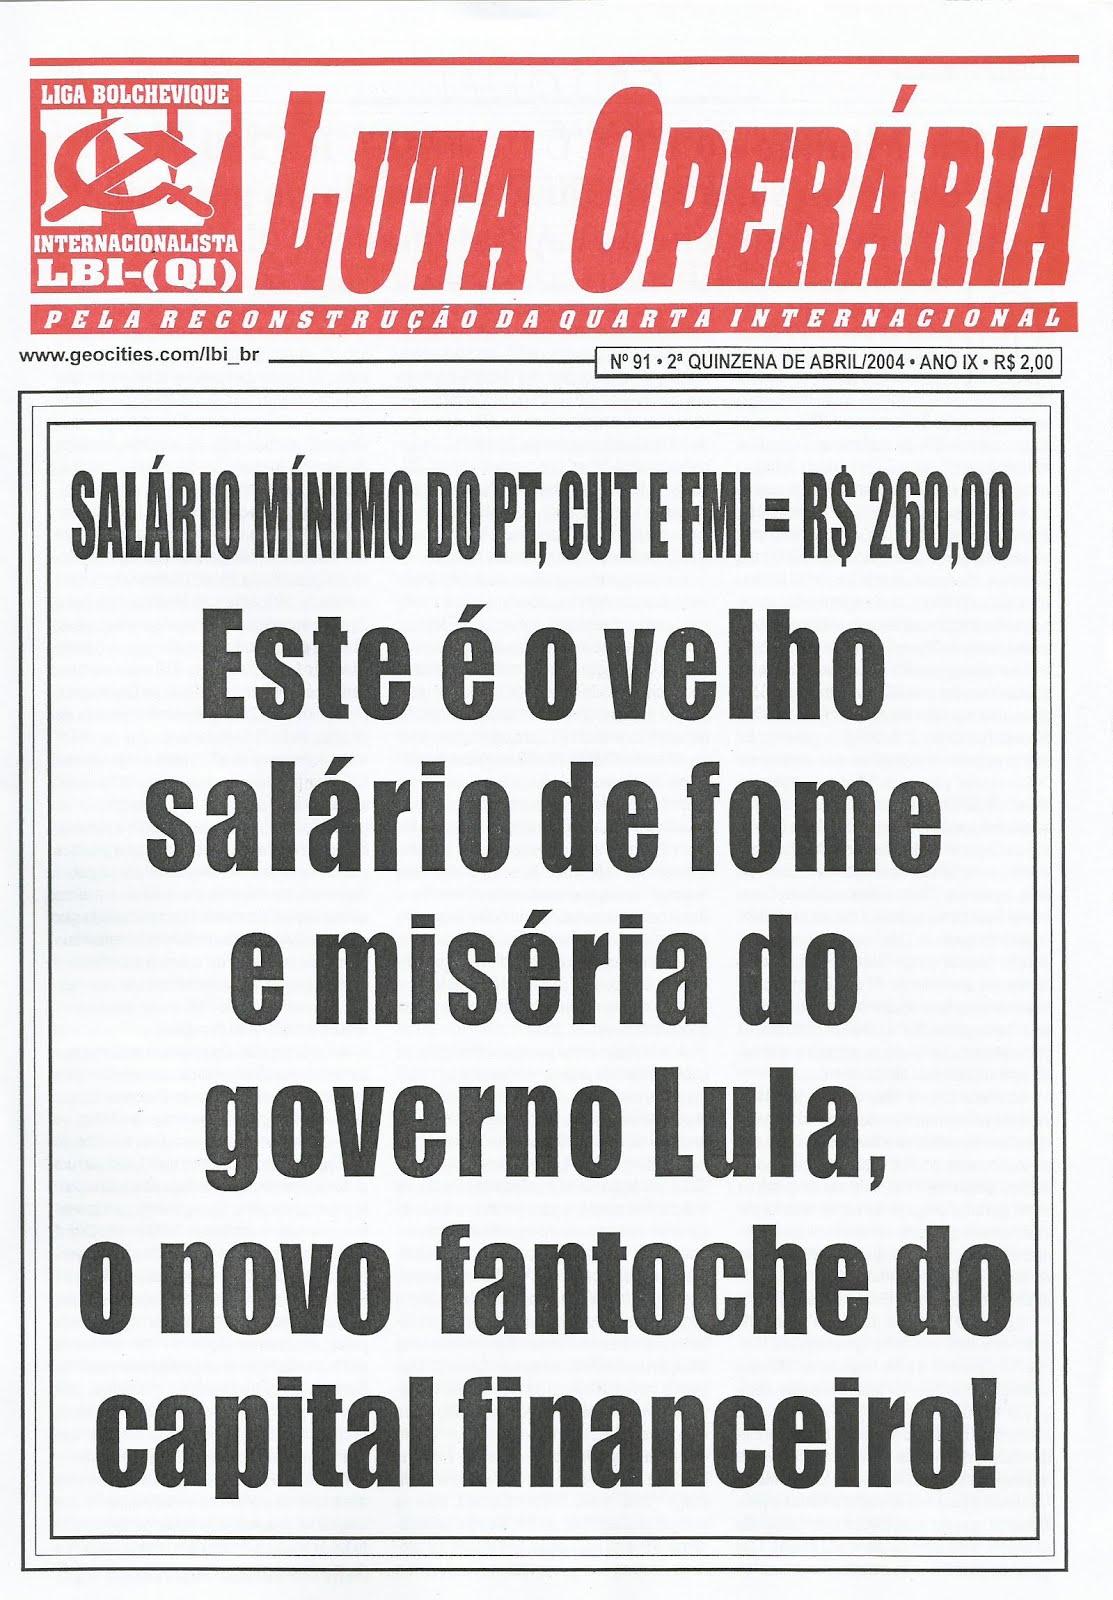 LEIA A EDIÇÃO DO JORNAL LUTA OPERÁRIA Nº 91, 2ª QUINZ. DE ABRIL/2004